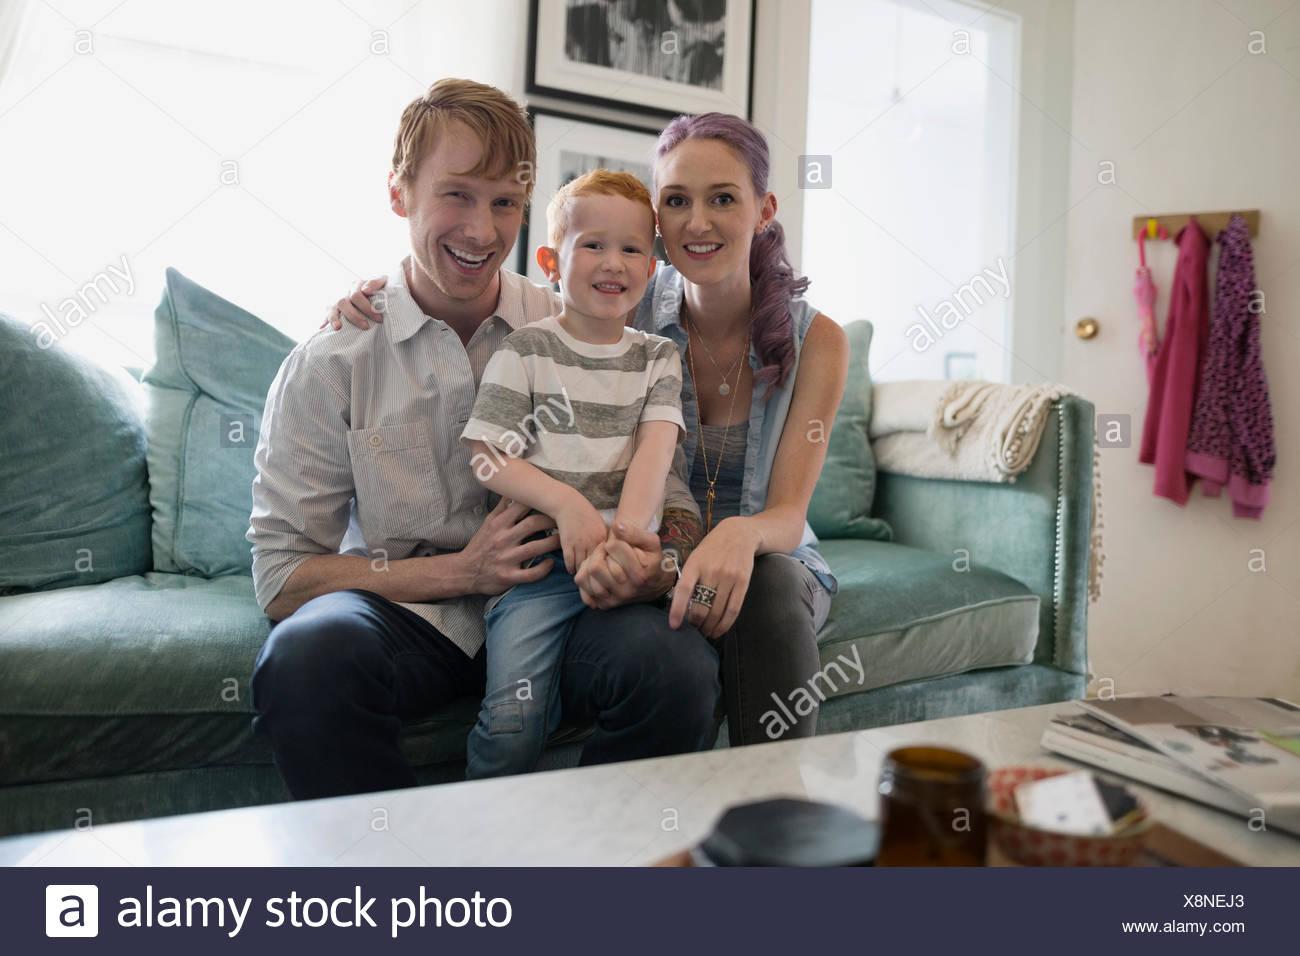 Retrato sonriente joven familia en el sofá en el salón Imagen De Stock